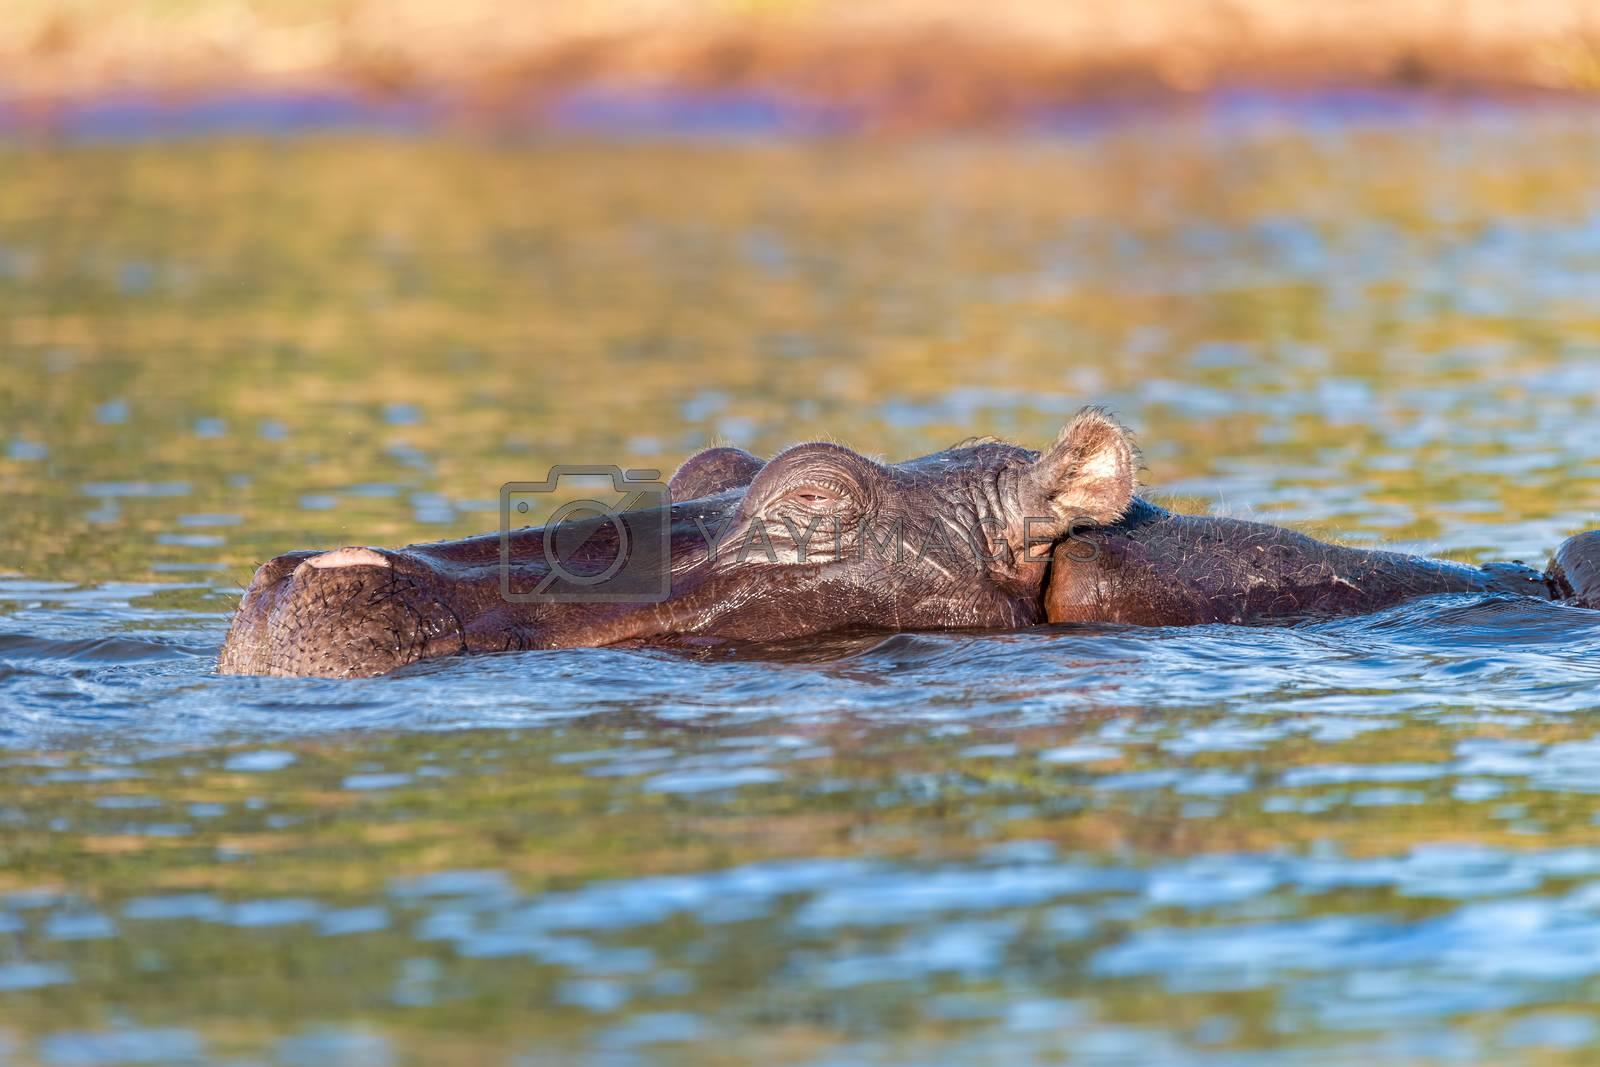 Hippo Hippopotamus Hippopotamus. Chobe National Park, Botswana. True wildlife photography